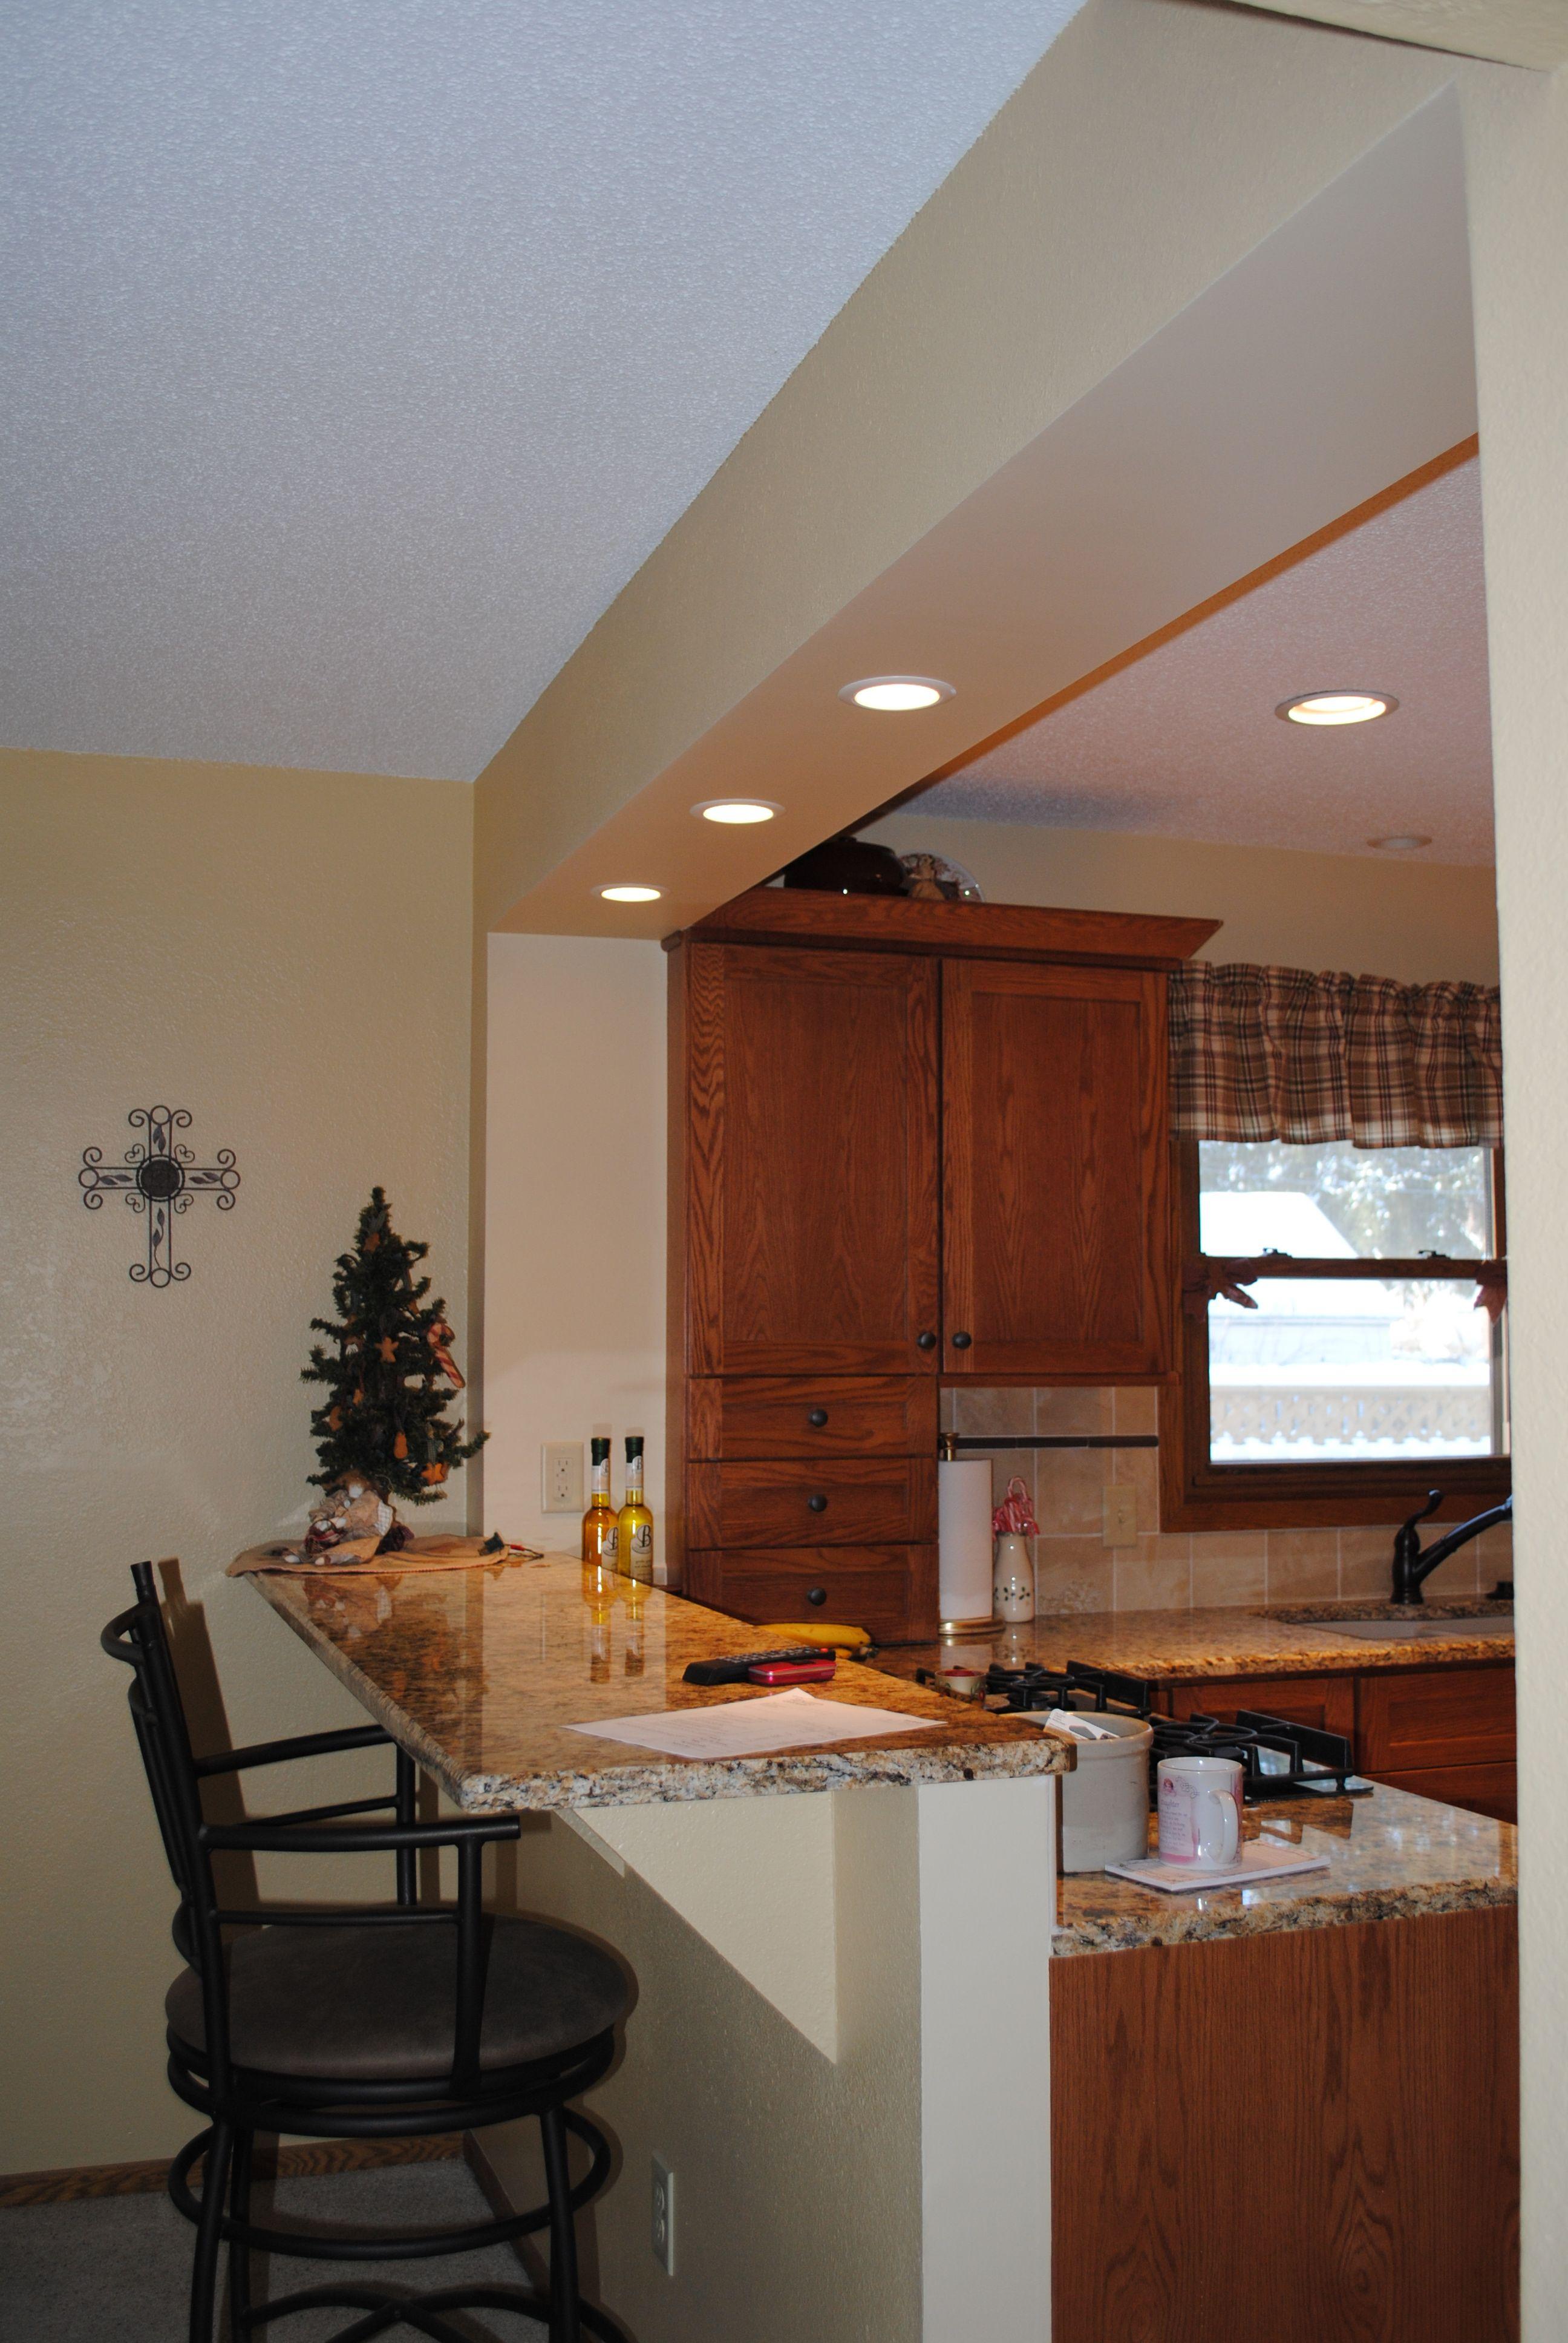 Oddelenie kuchynskej pracovnej časti od jedálenskej v prípade použitia ostrovčeka ako raňajkového stola